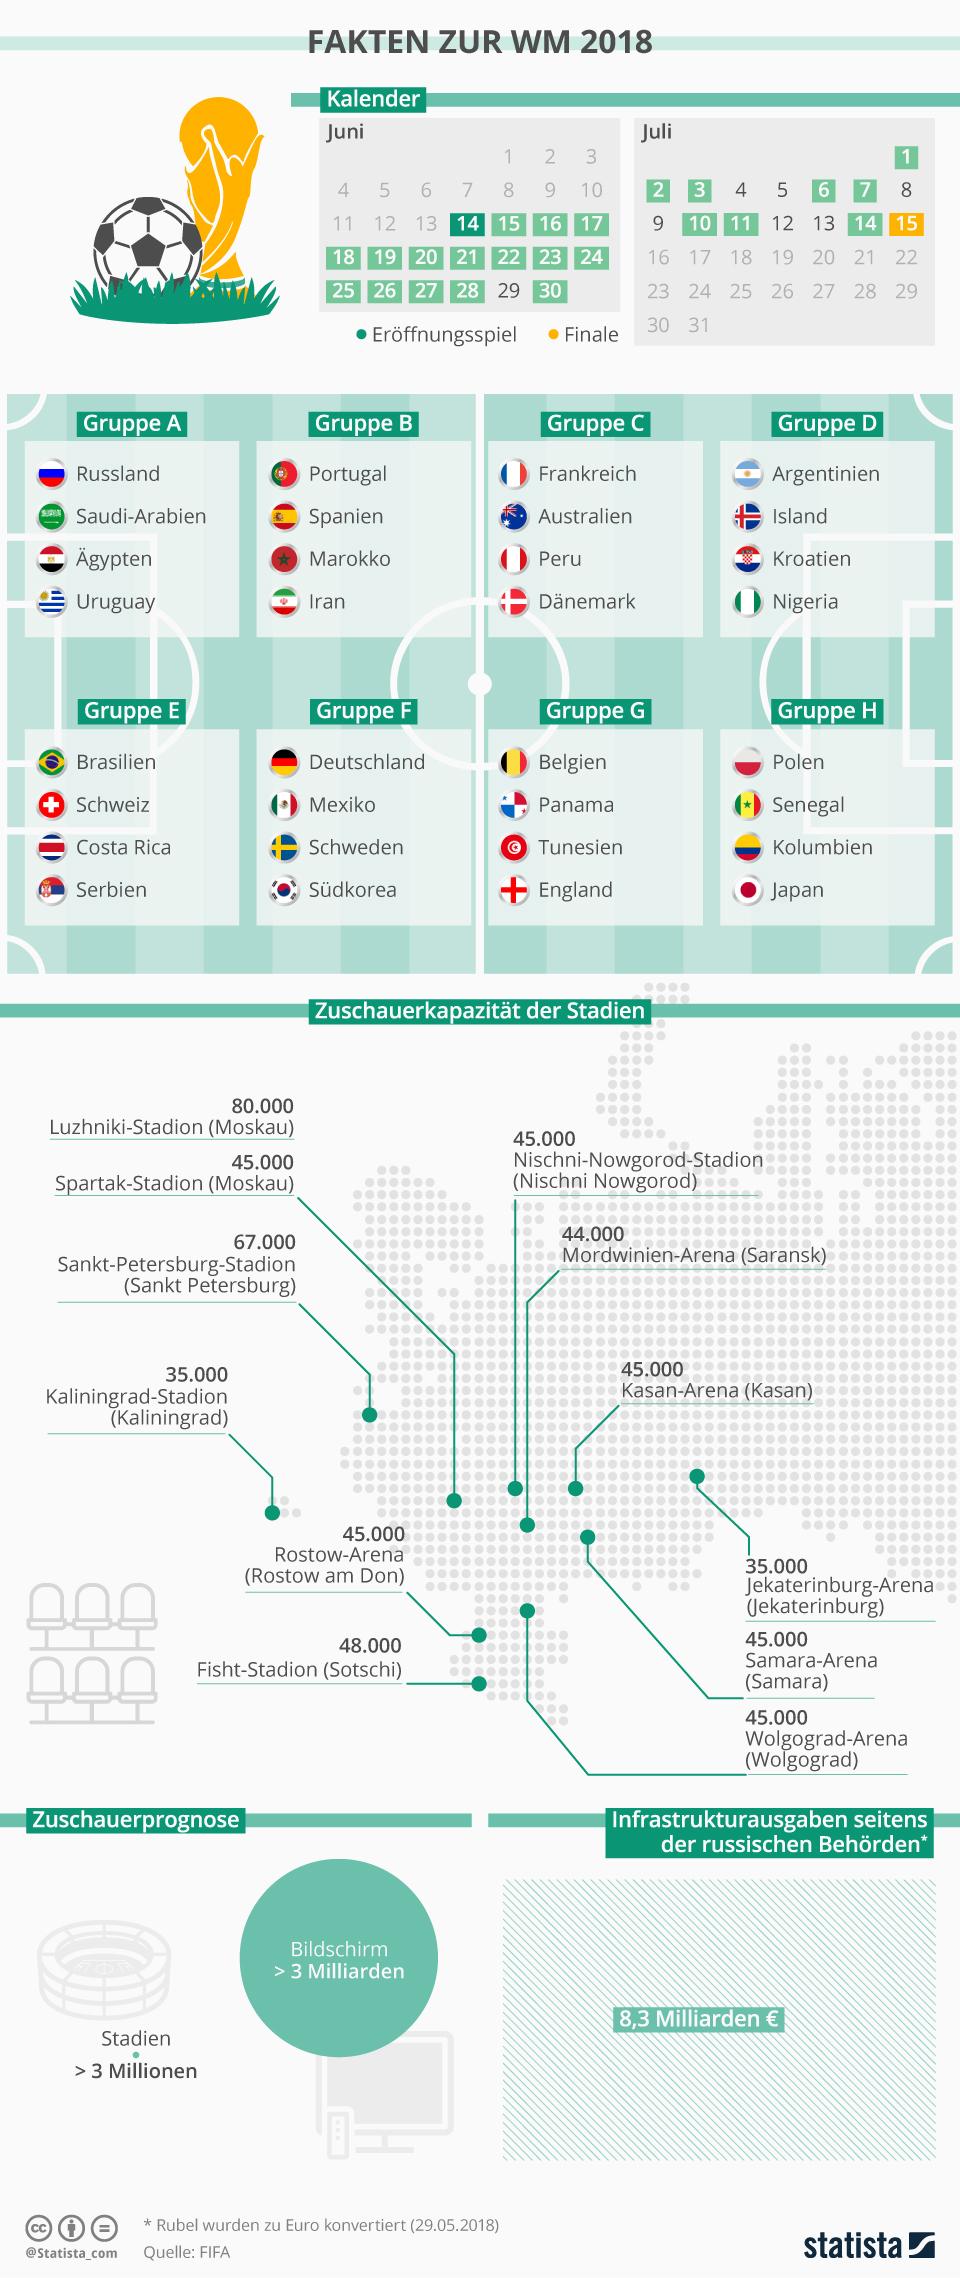 Infografik: Fakten zur WM 2018 | Statista